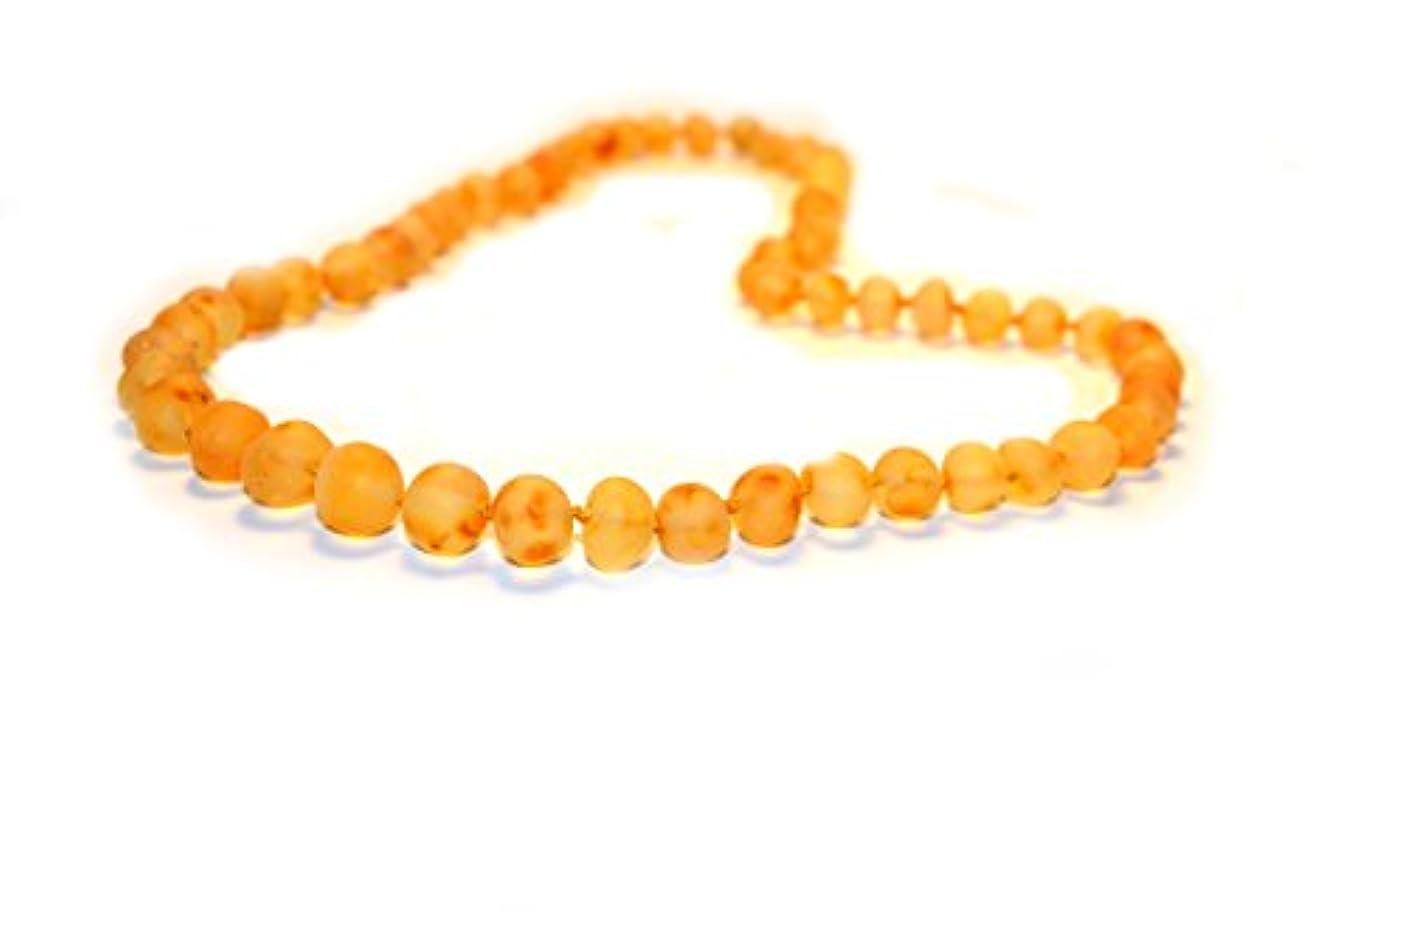 不完全な基本的なゴムRaw Amberネックレス大人用 – 18 – 21.6インチ – amberjewelry – Madeから未研磨/ Authentic Baltic Amberビーズ 17.7 inches (45 cm) イエロー